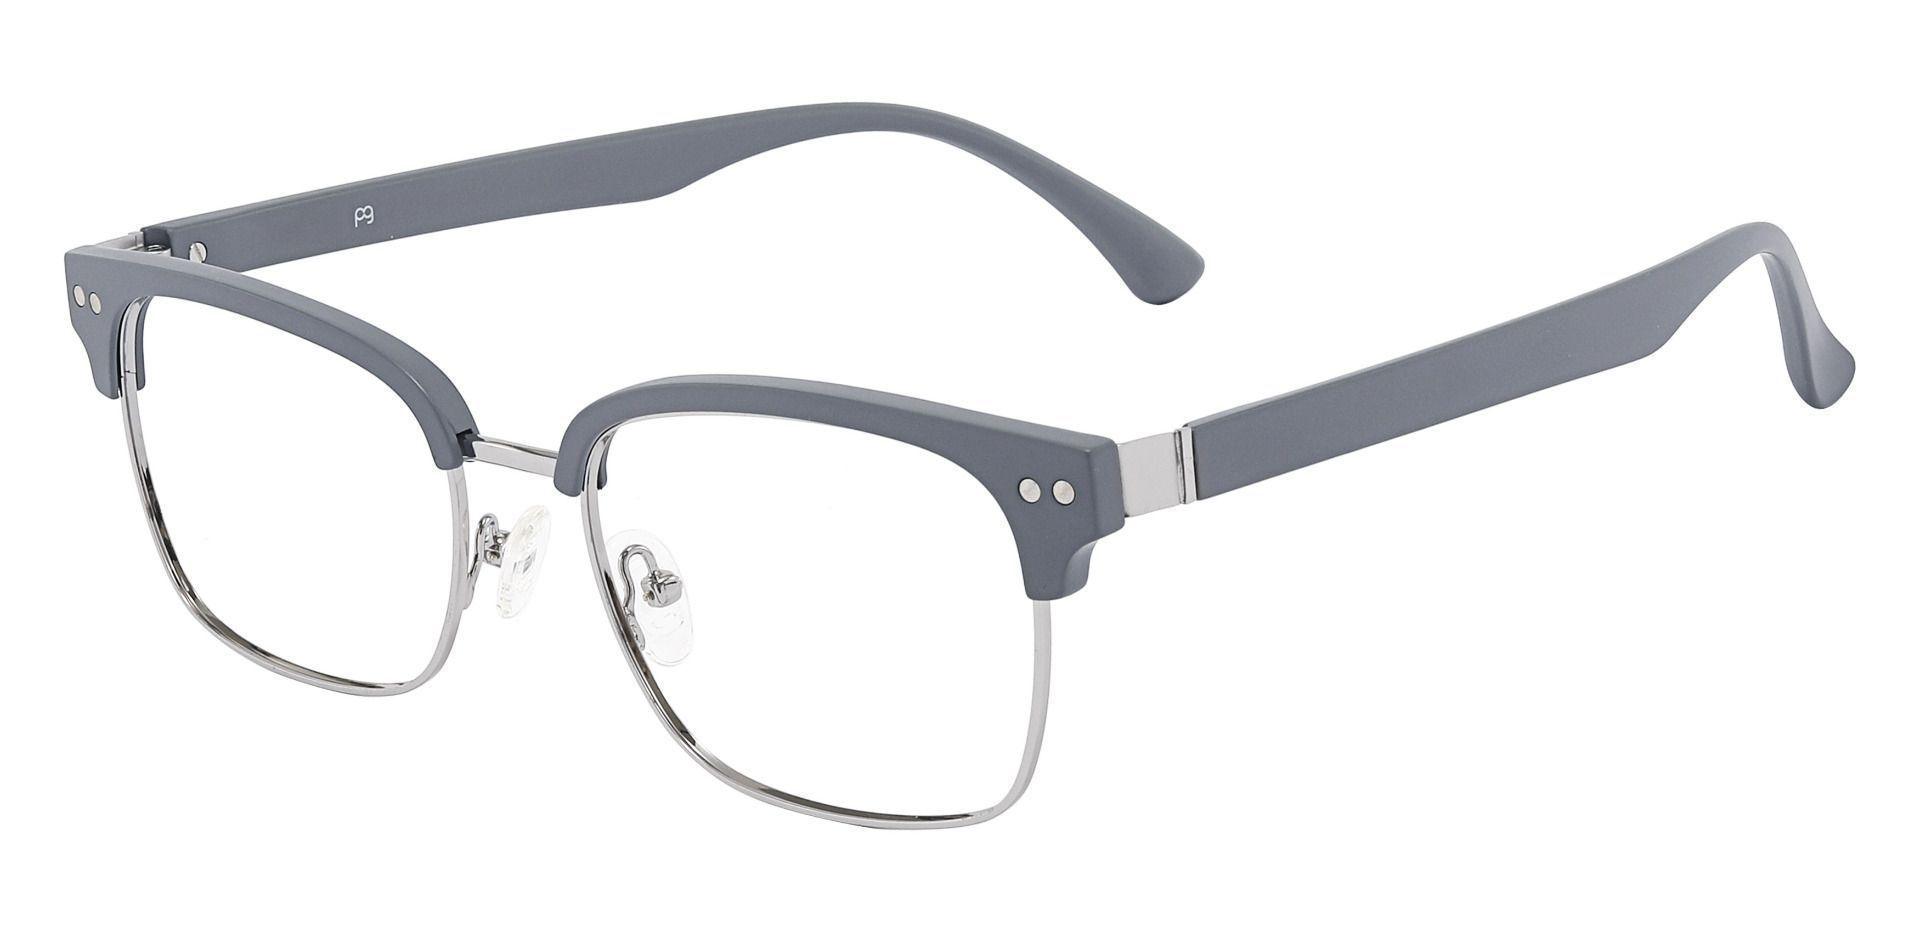 Bolivar Browline Prescription Glasses - Gray